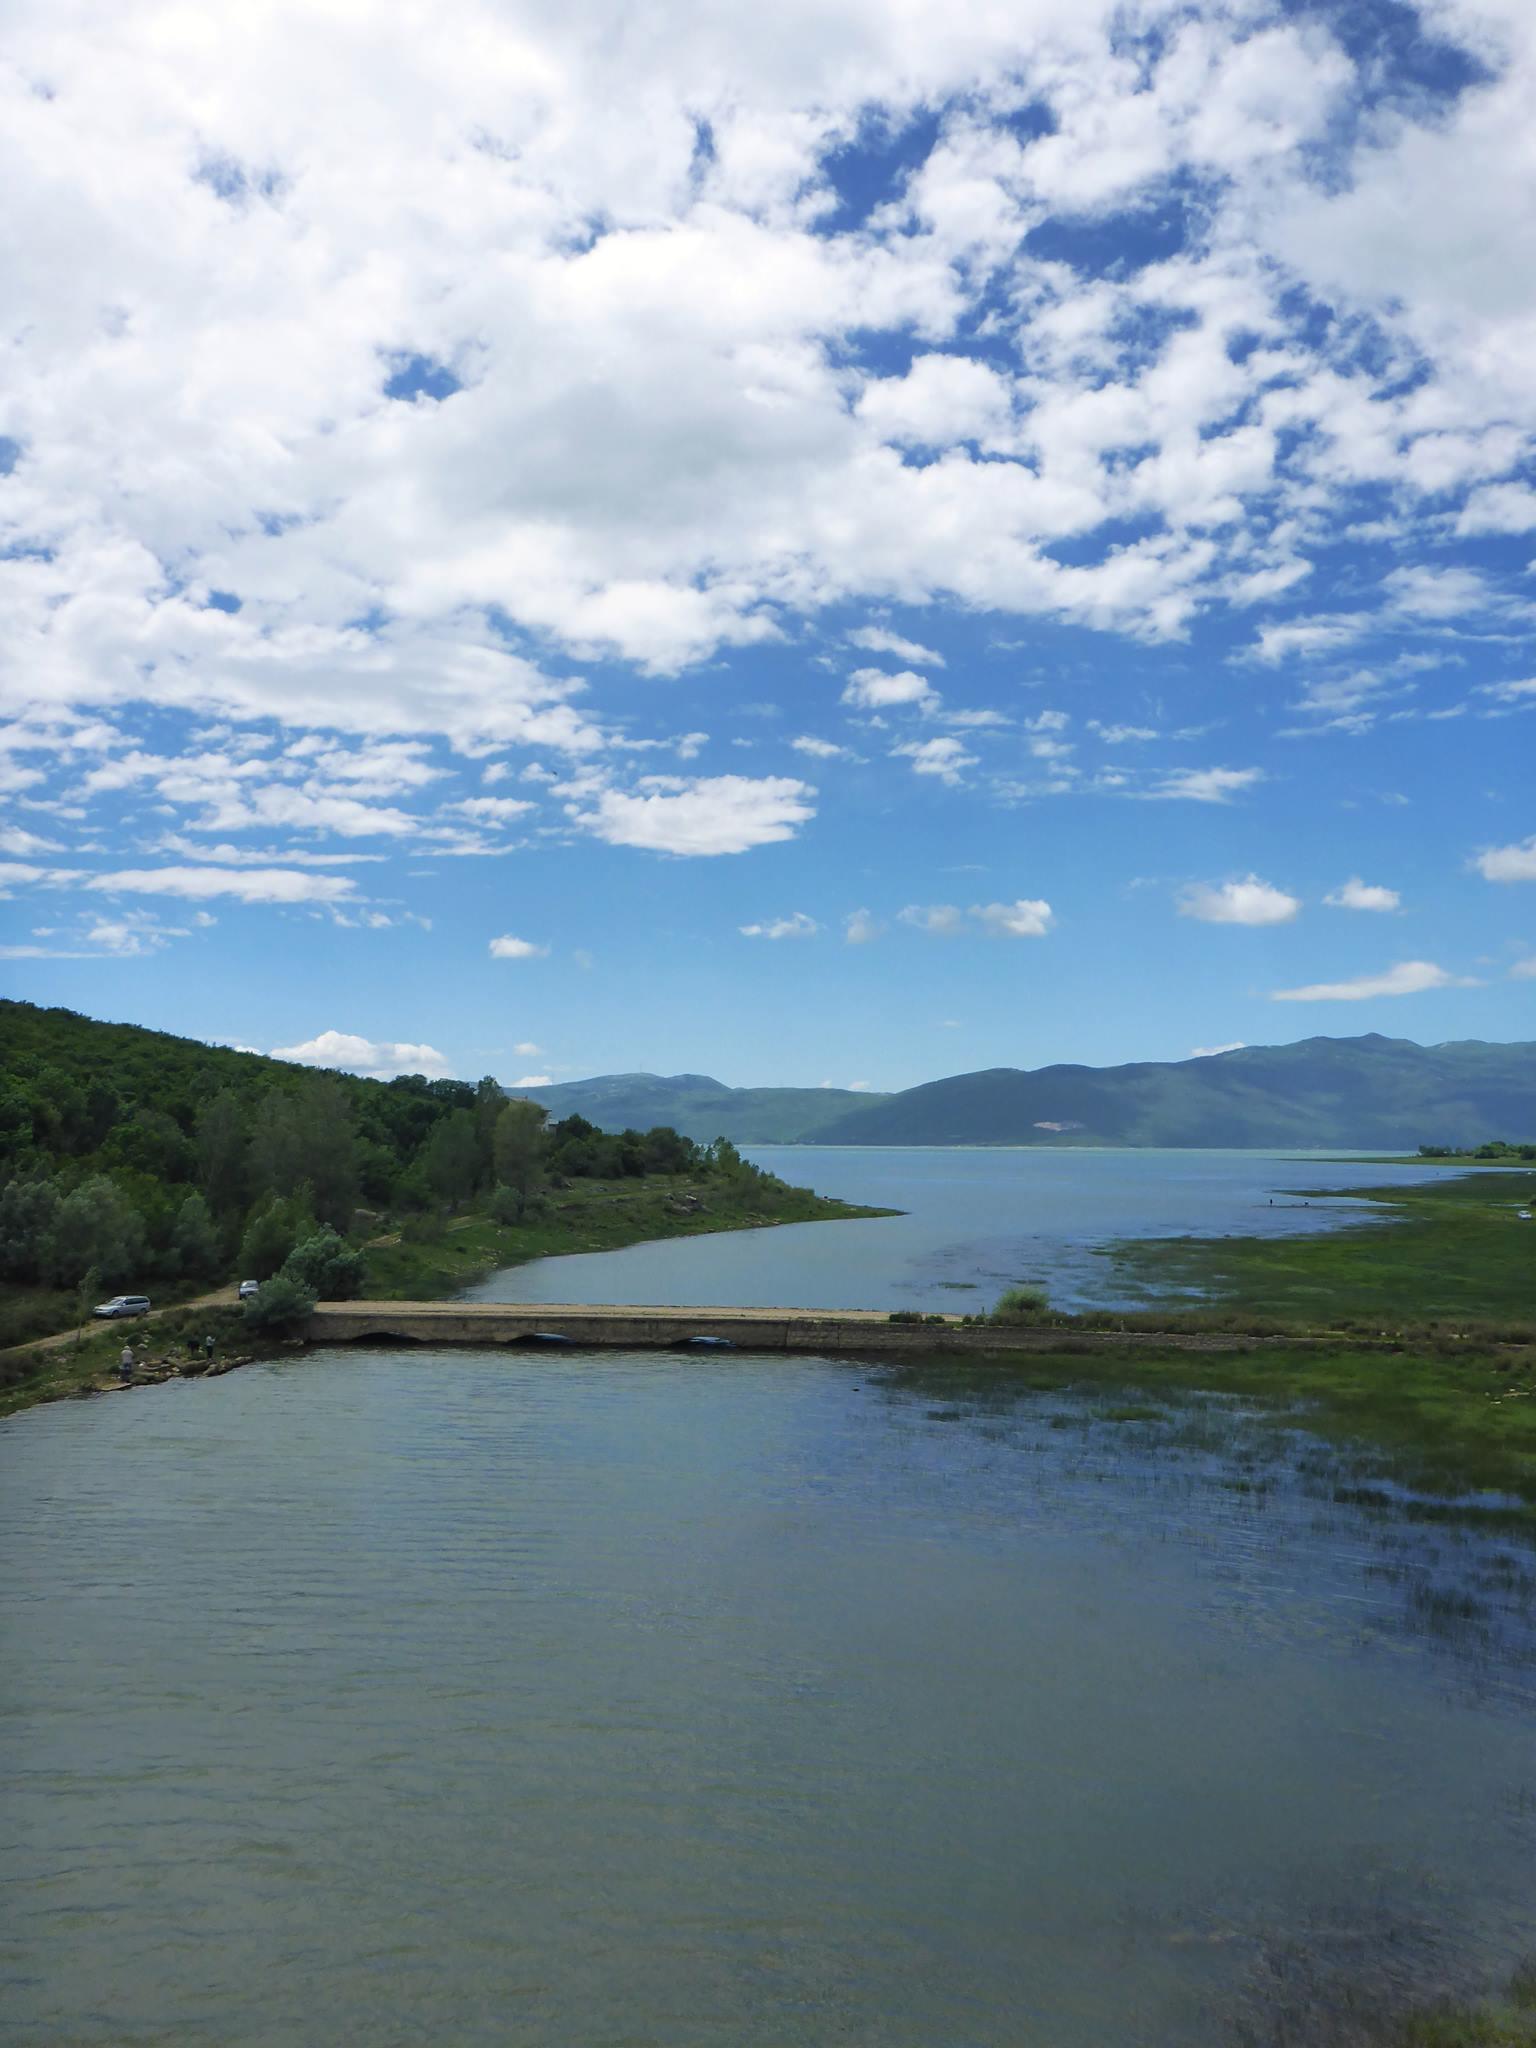 Le lac de Busko, marquant pour moi le passage en Croatie